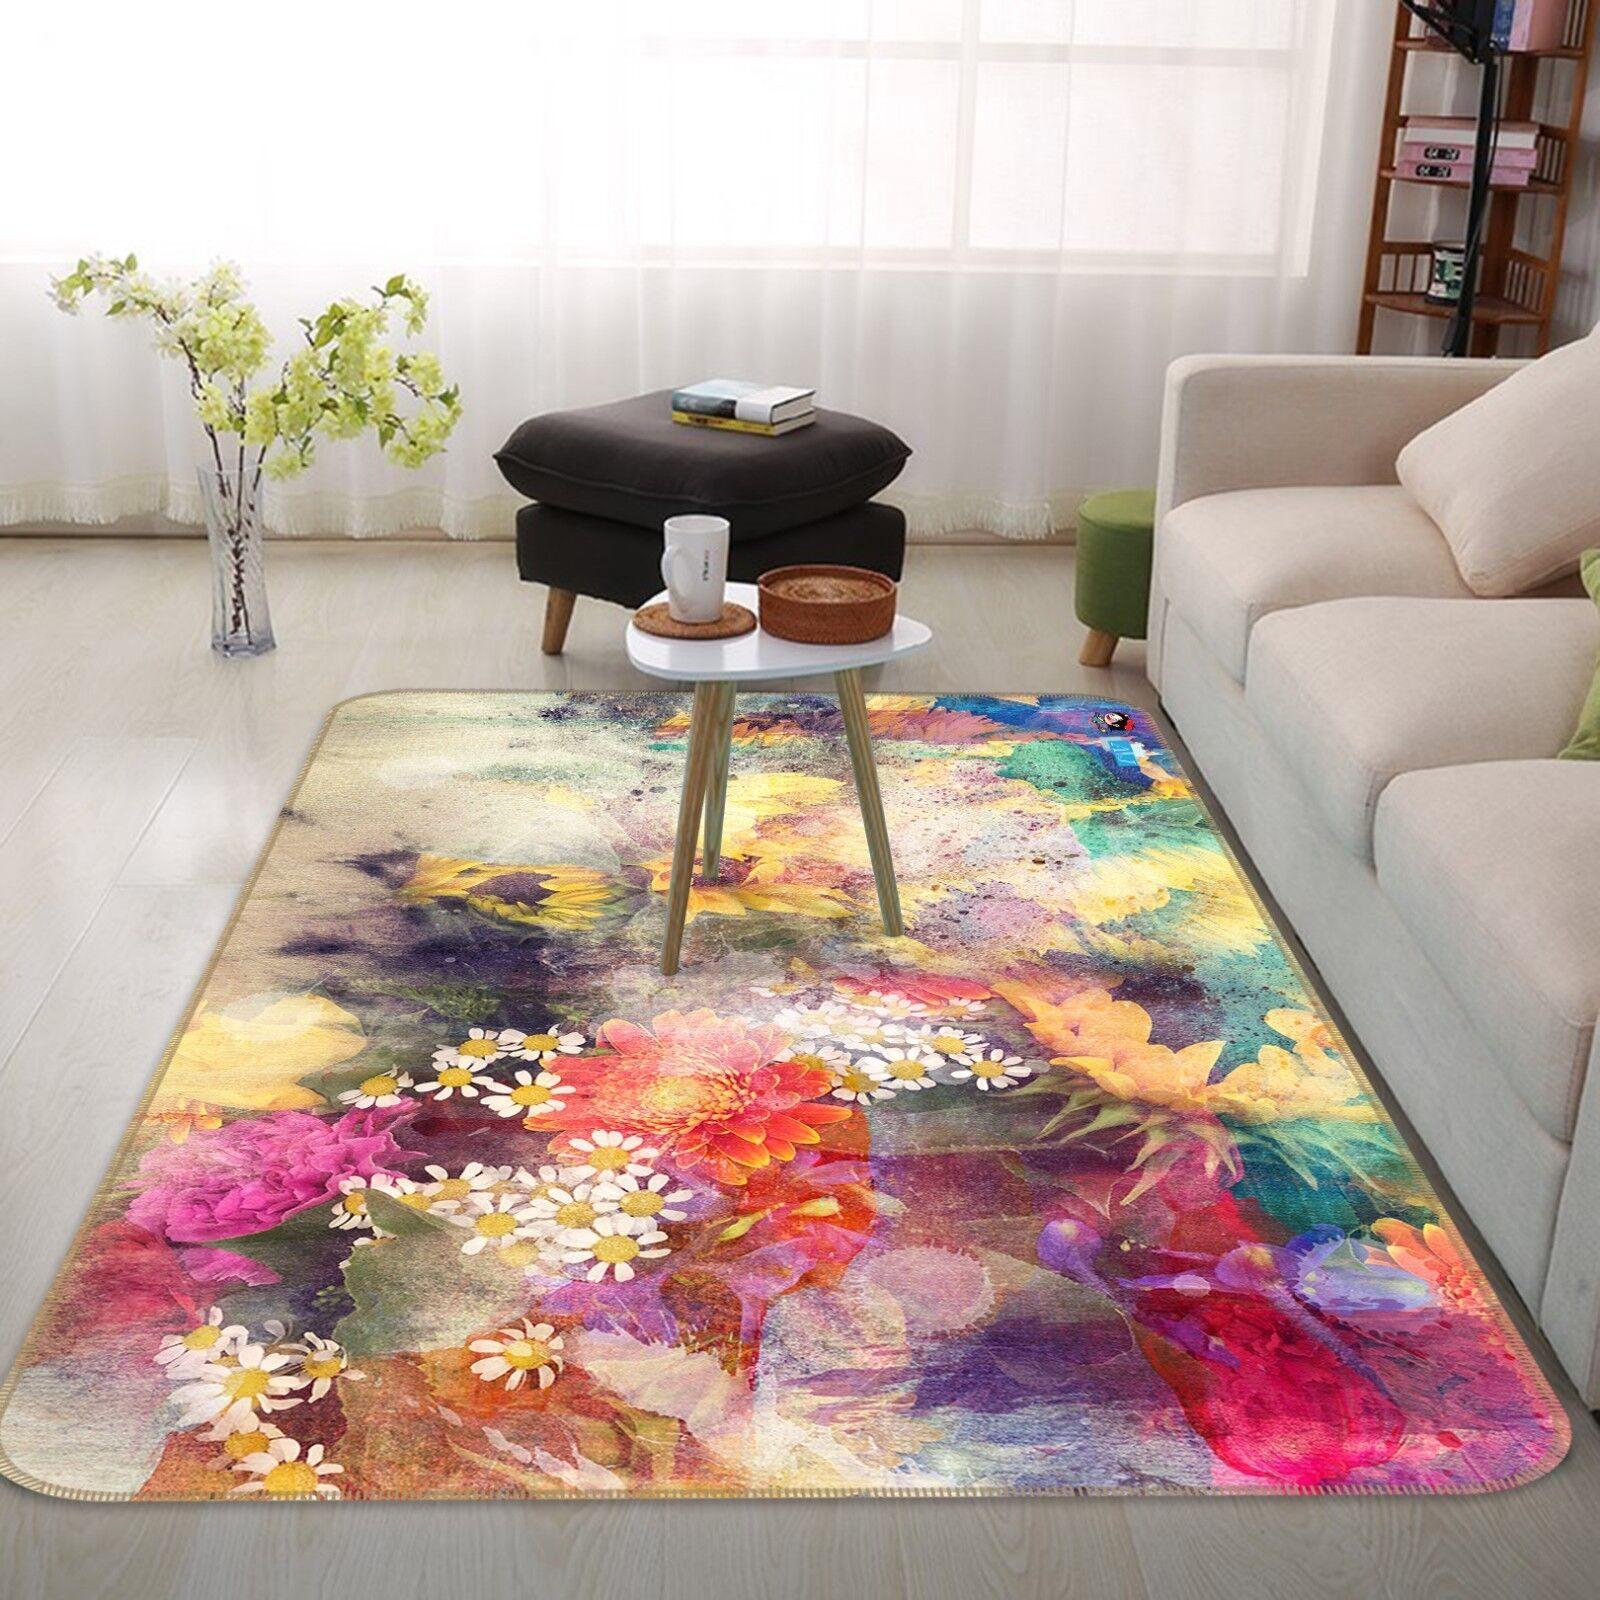 3D SonnenBlaume SonnenBlaume SonnenBlaume Garten 55 Rutschfest Teppich Raum Matte Qualität Elegant Teppich 987ee3